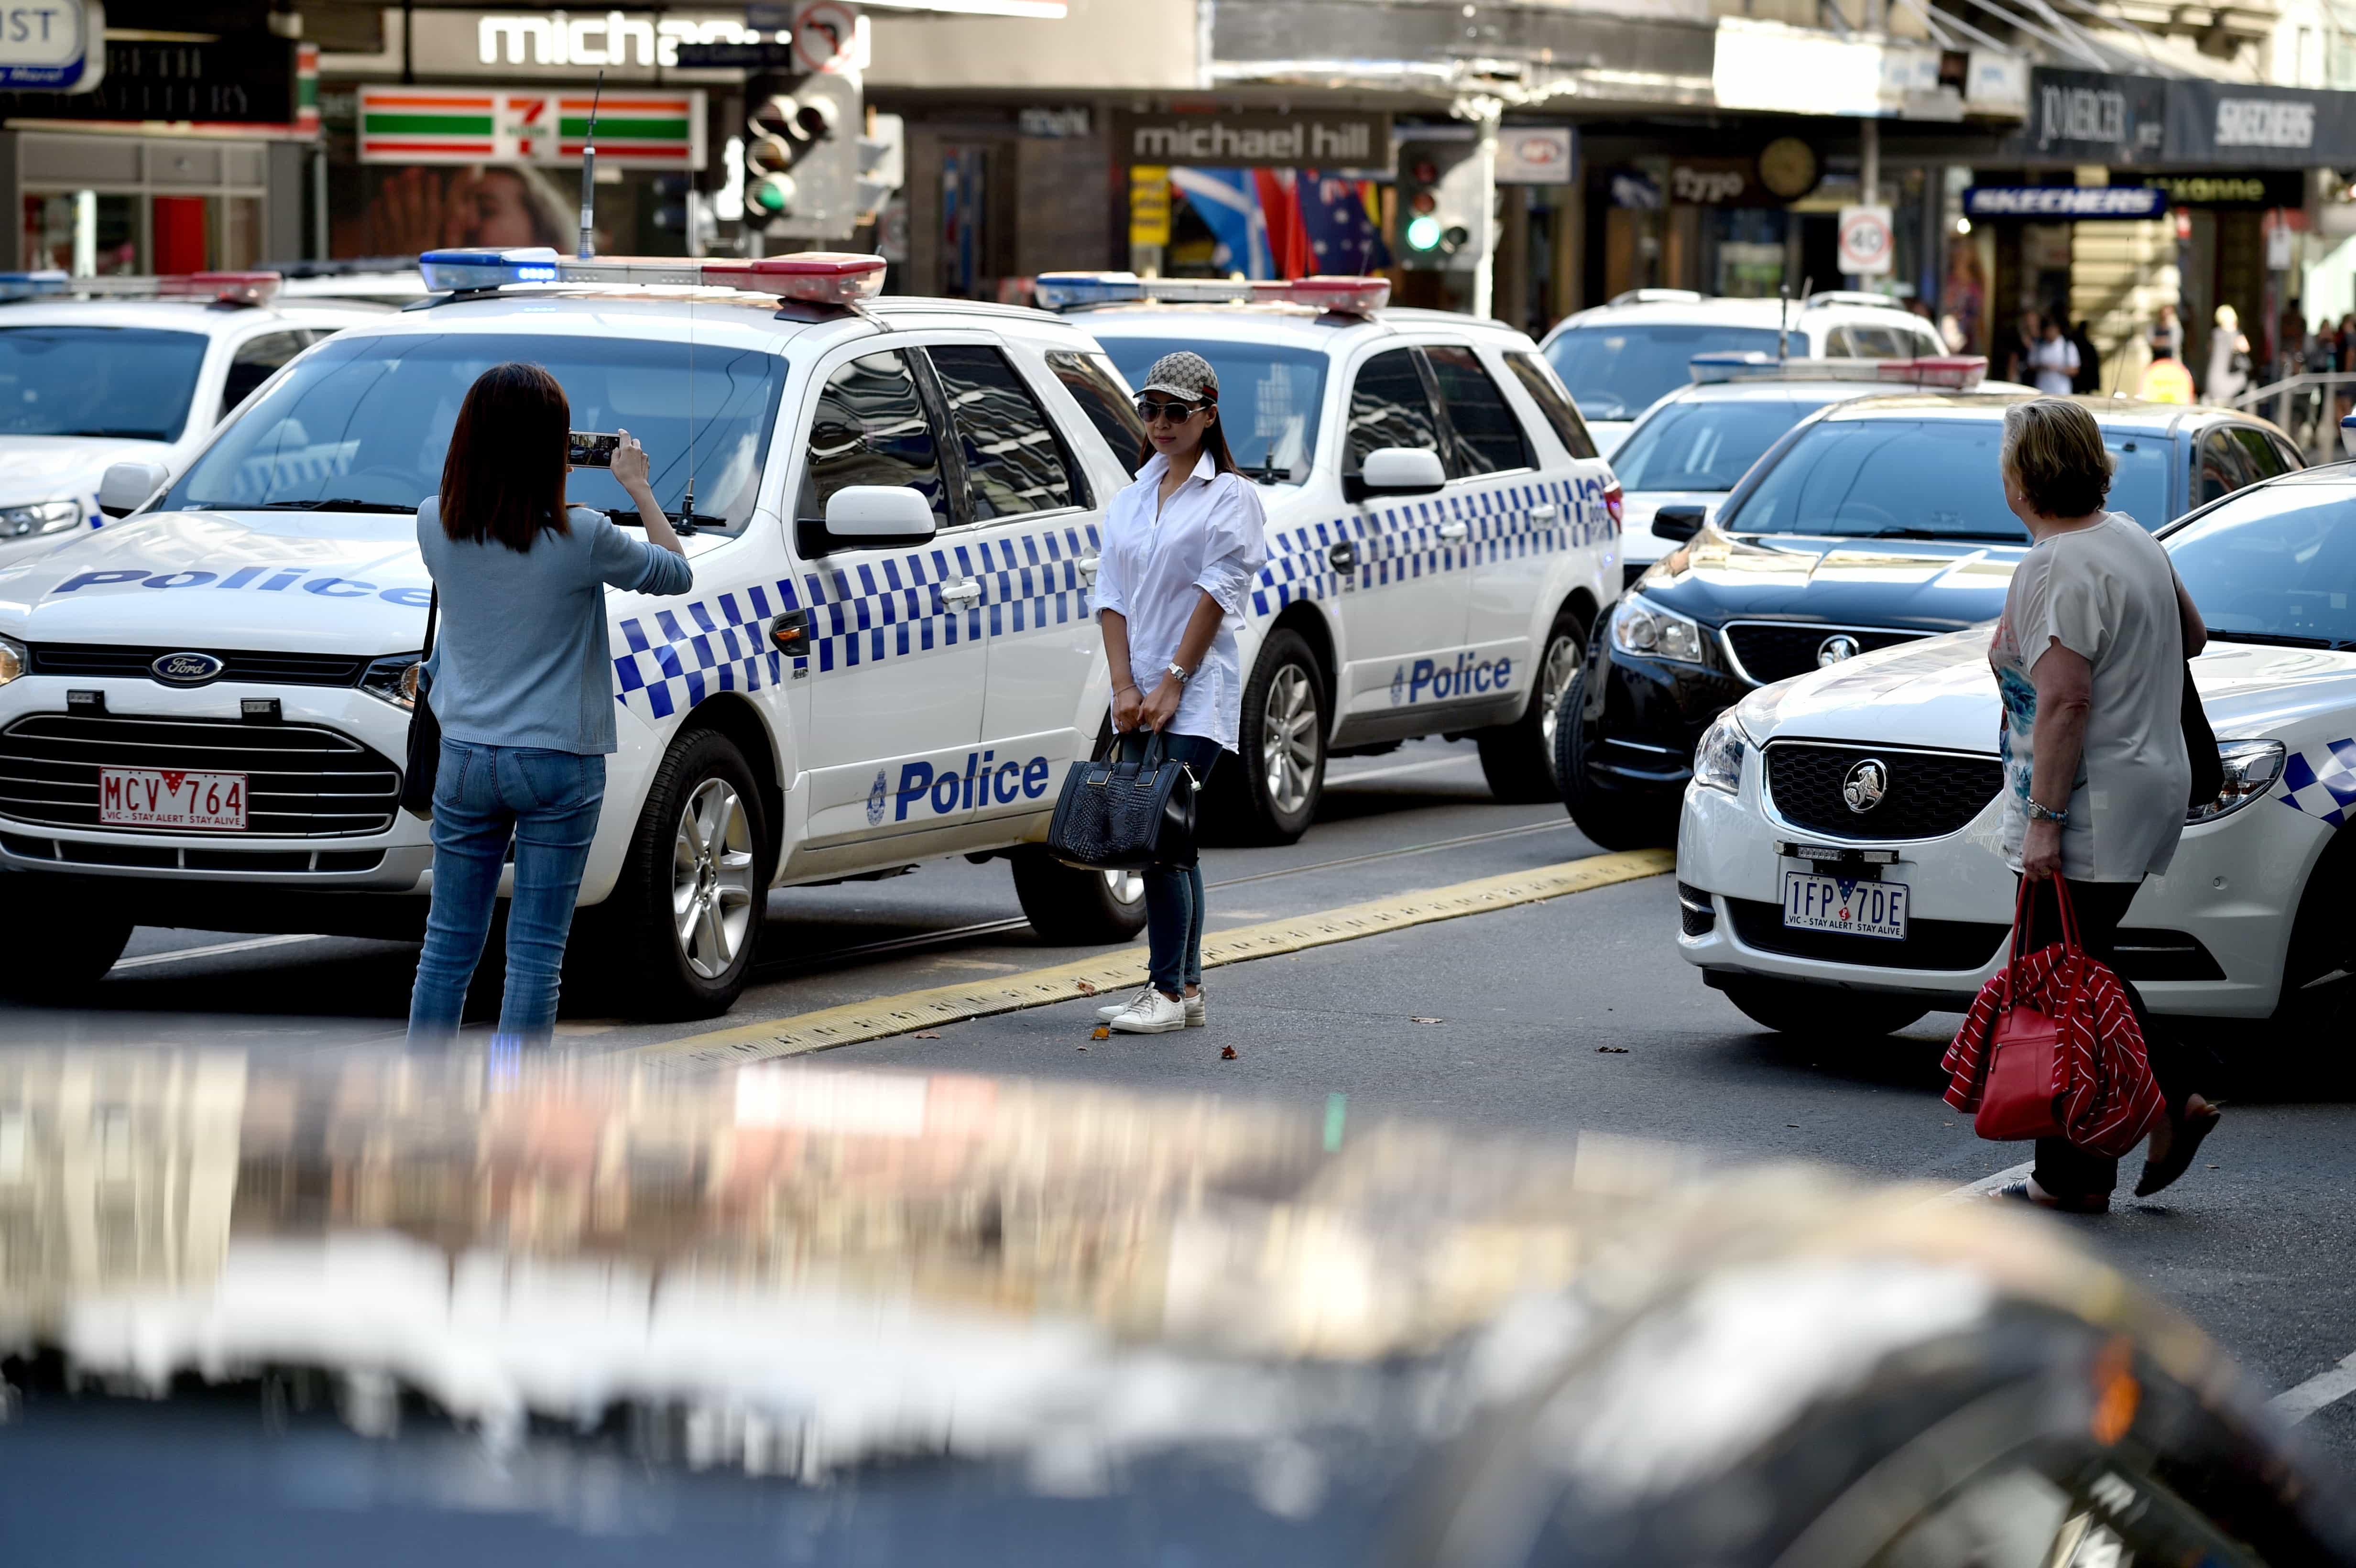 Turistas toman fotos del incidente en el centro de Melbourne